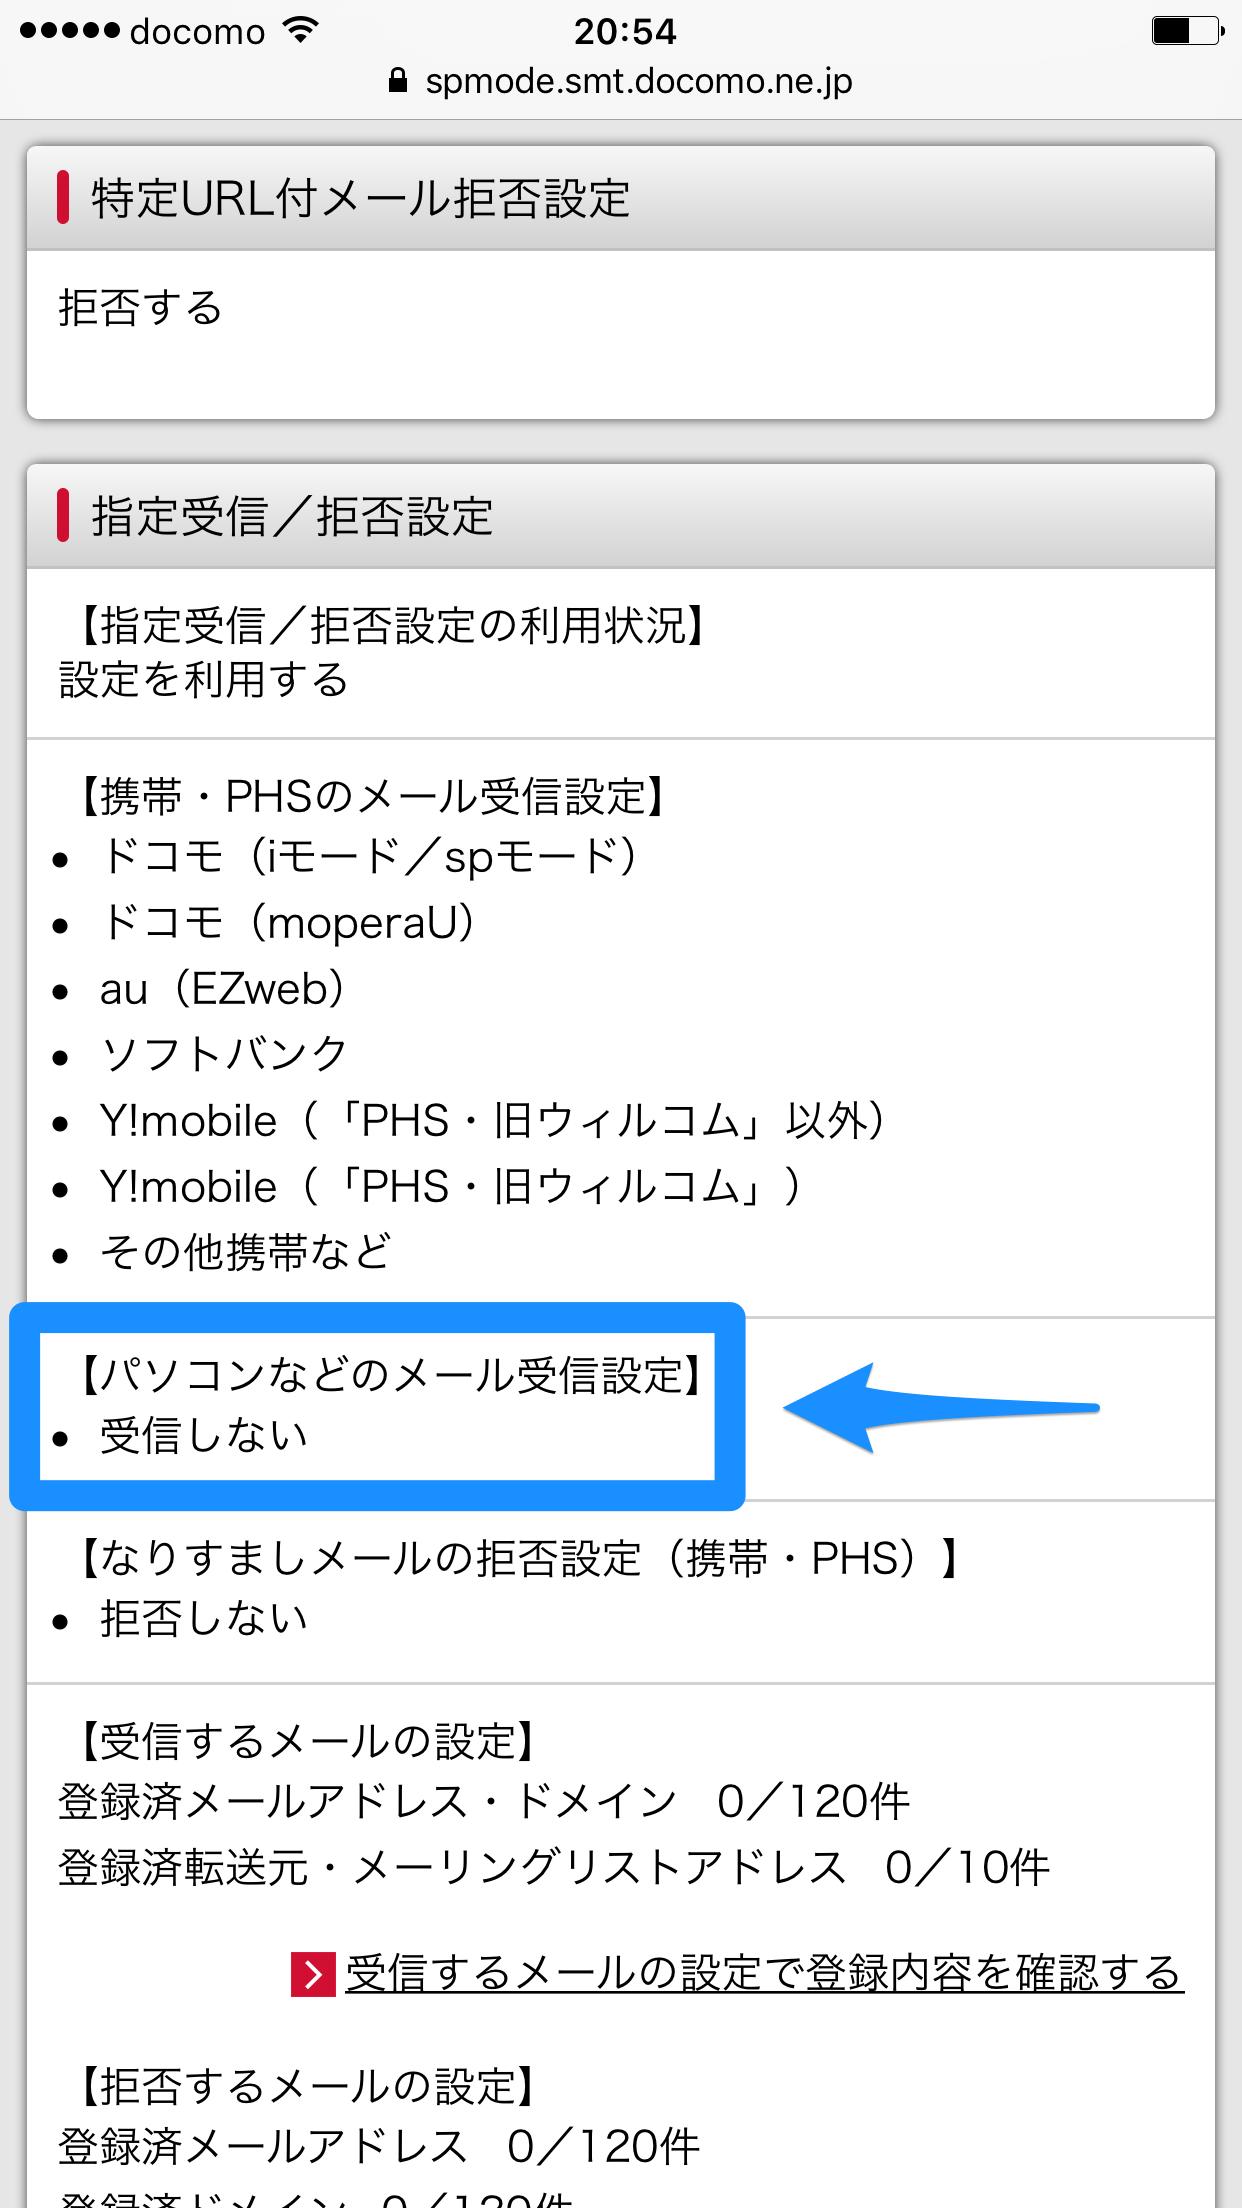 iOS10:ドコモメールの受信・拒否設定